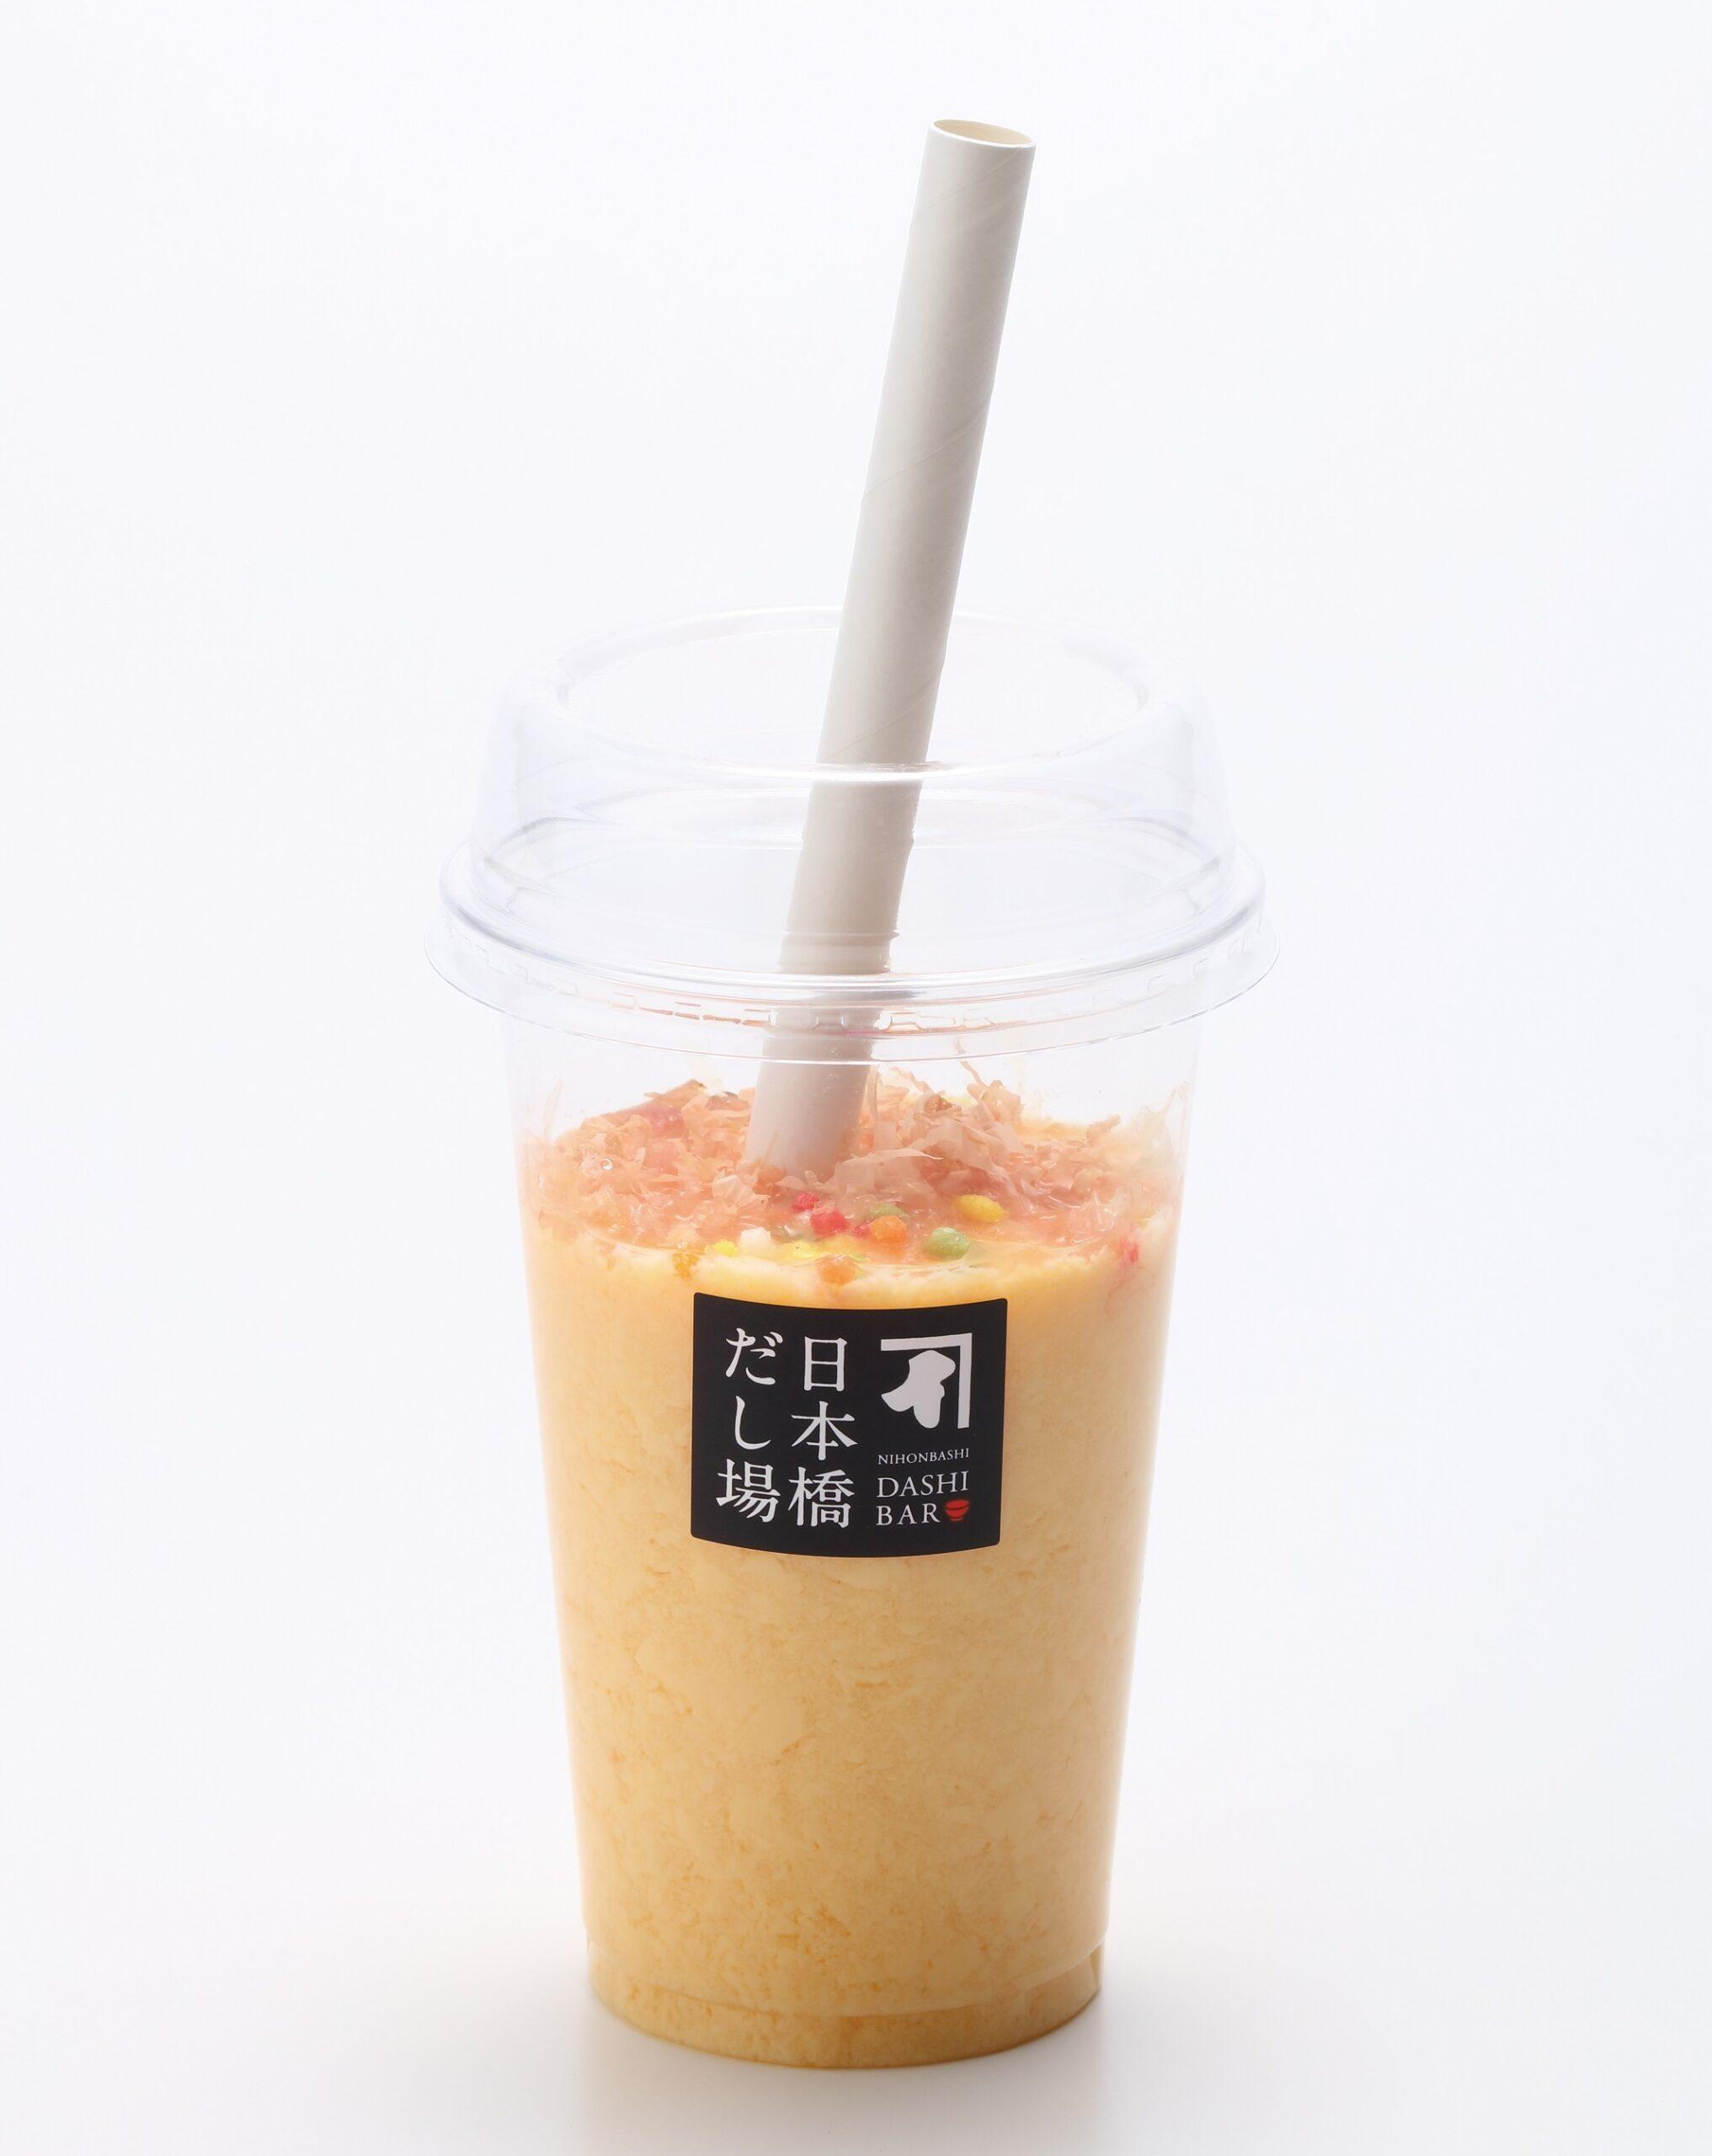 話題の商品「飲む茶椀蒸し2021 本枯鰹節のせ」にんべんより新登場